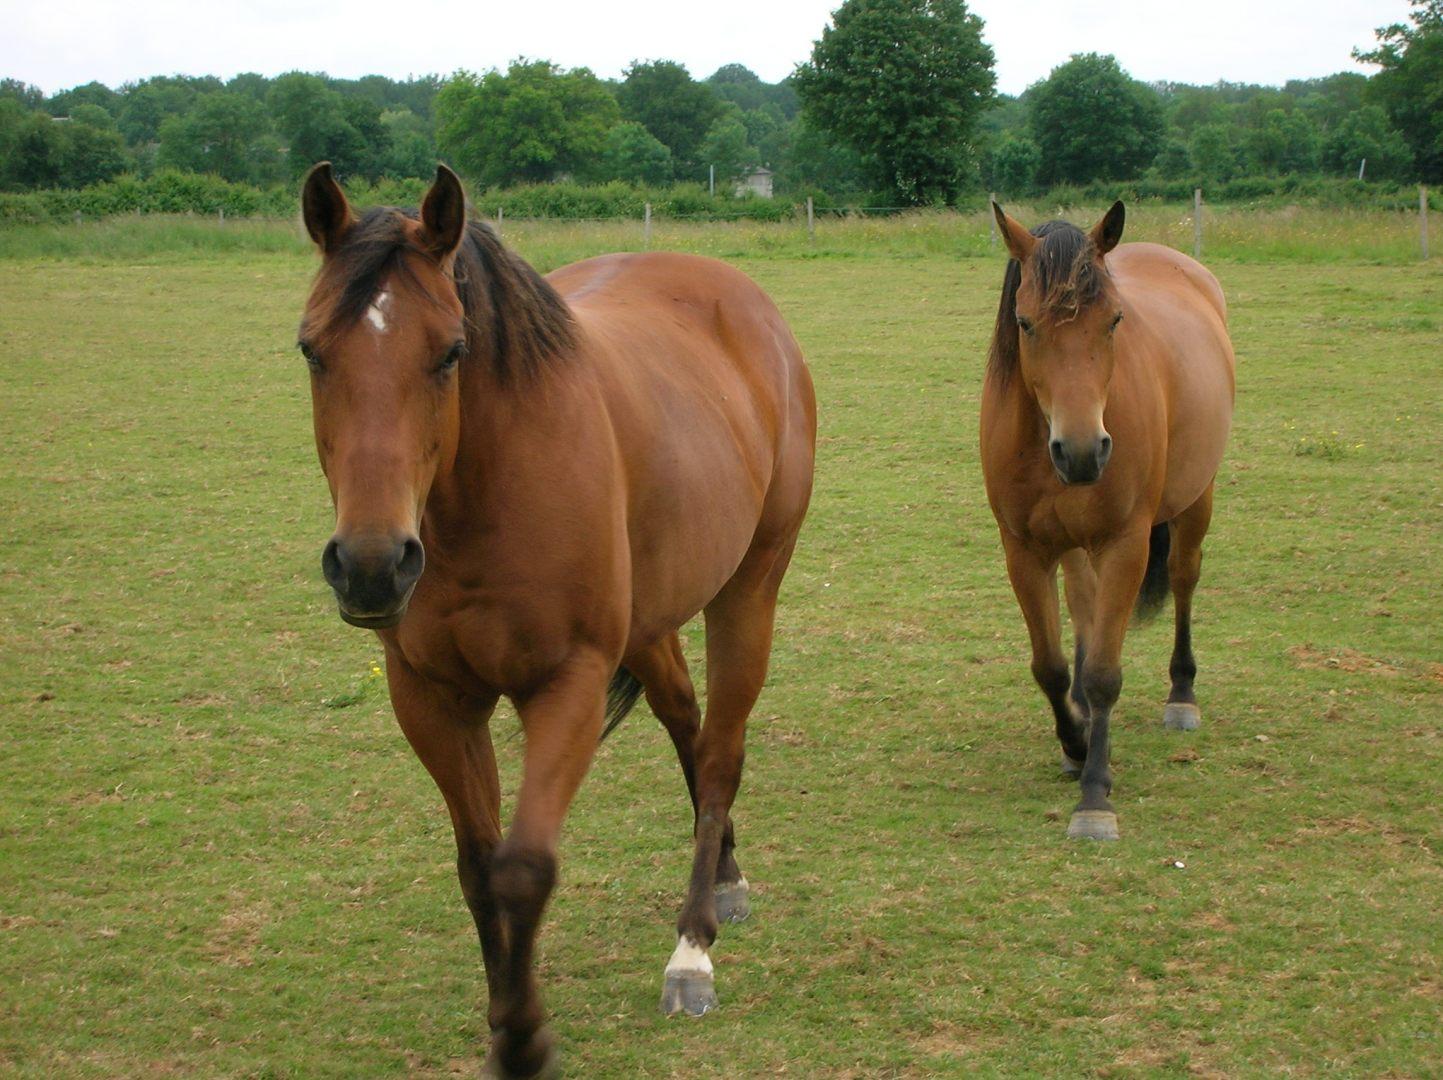 Galeria de fotos e imagens Quarto de Milha ~ Wallpaper Cavalos Quarto De Milha